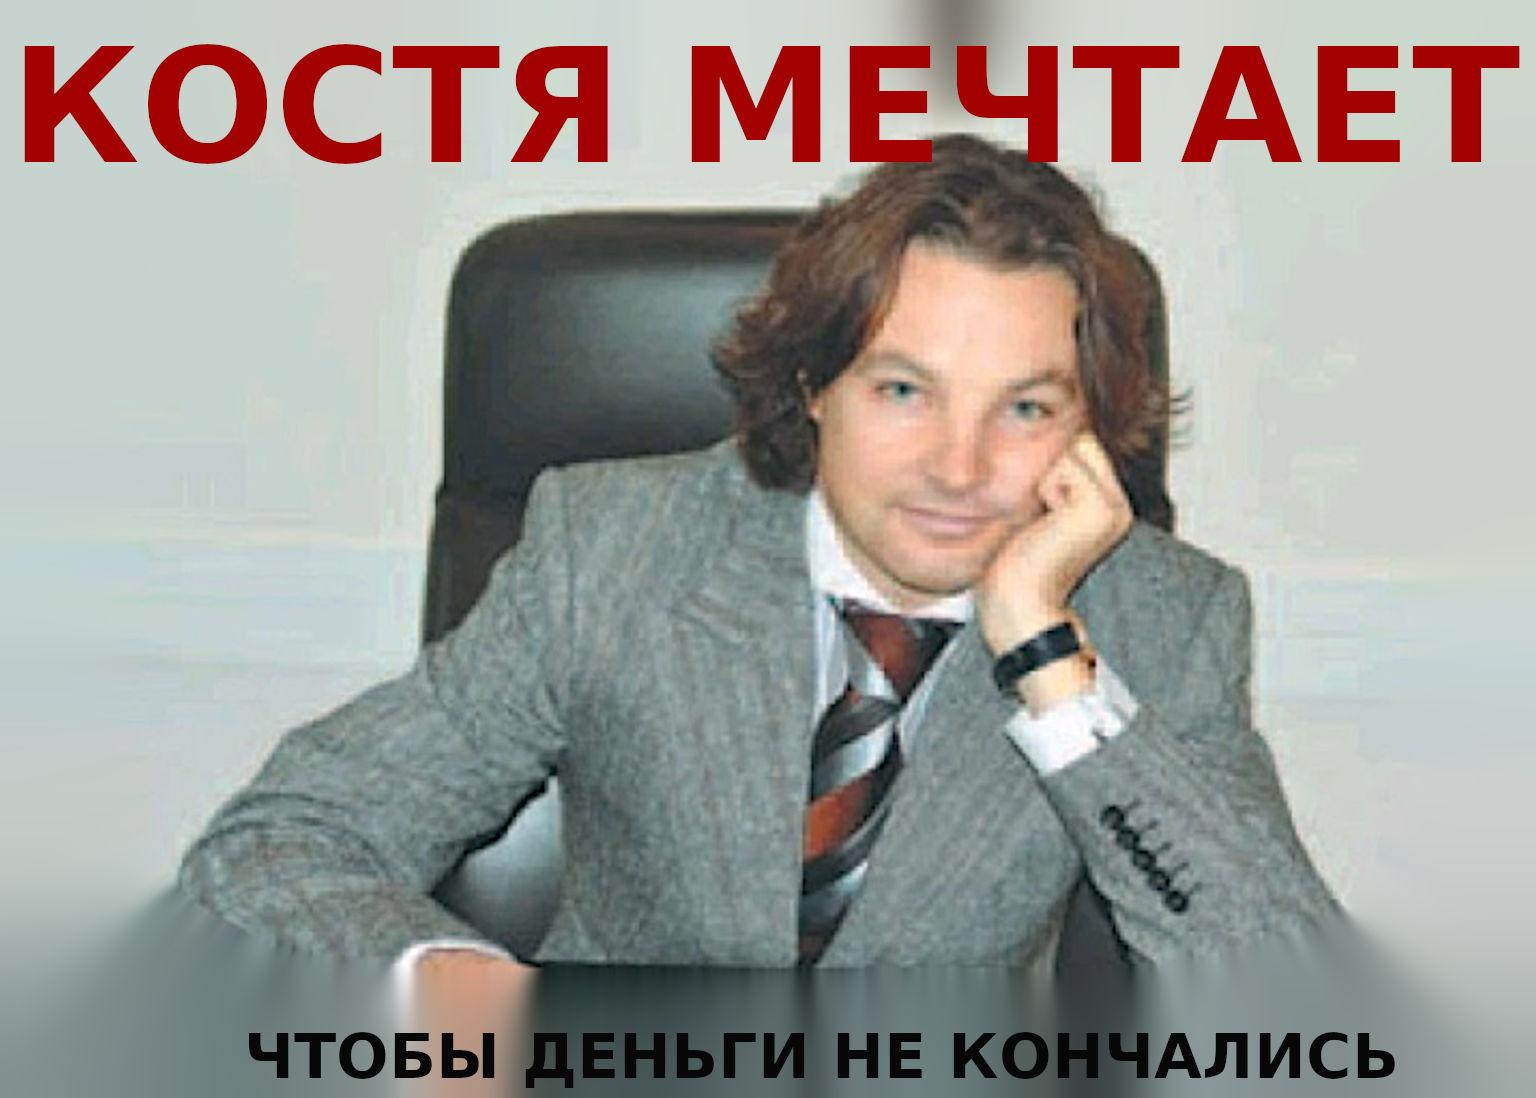 """Шварц Константин Валерьевич понимает что """"известный мошенник"""" - товар никому не нужный."""